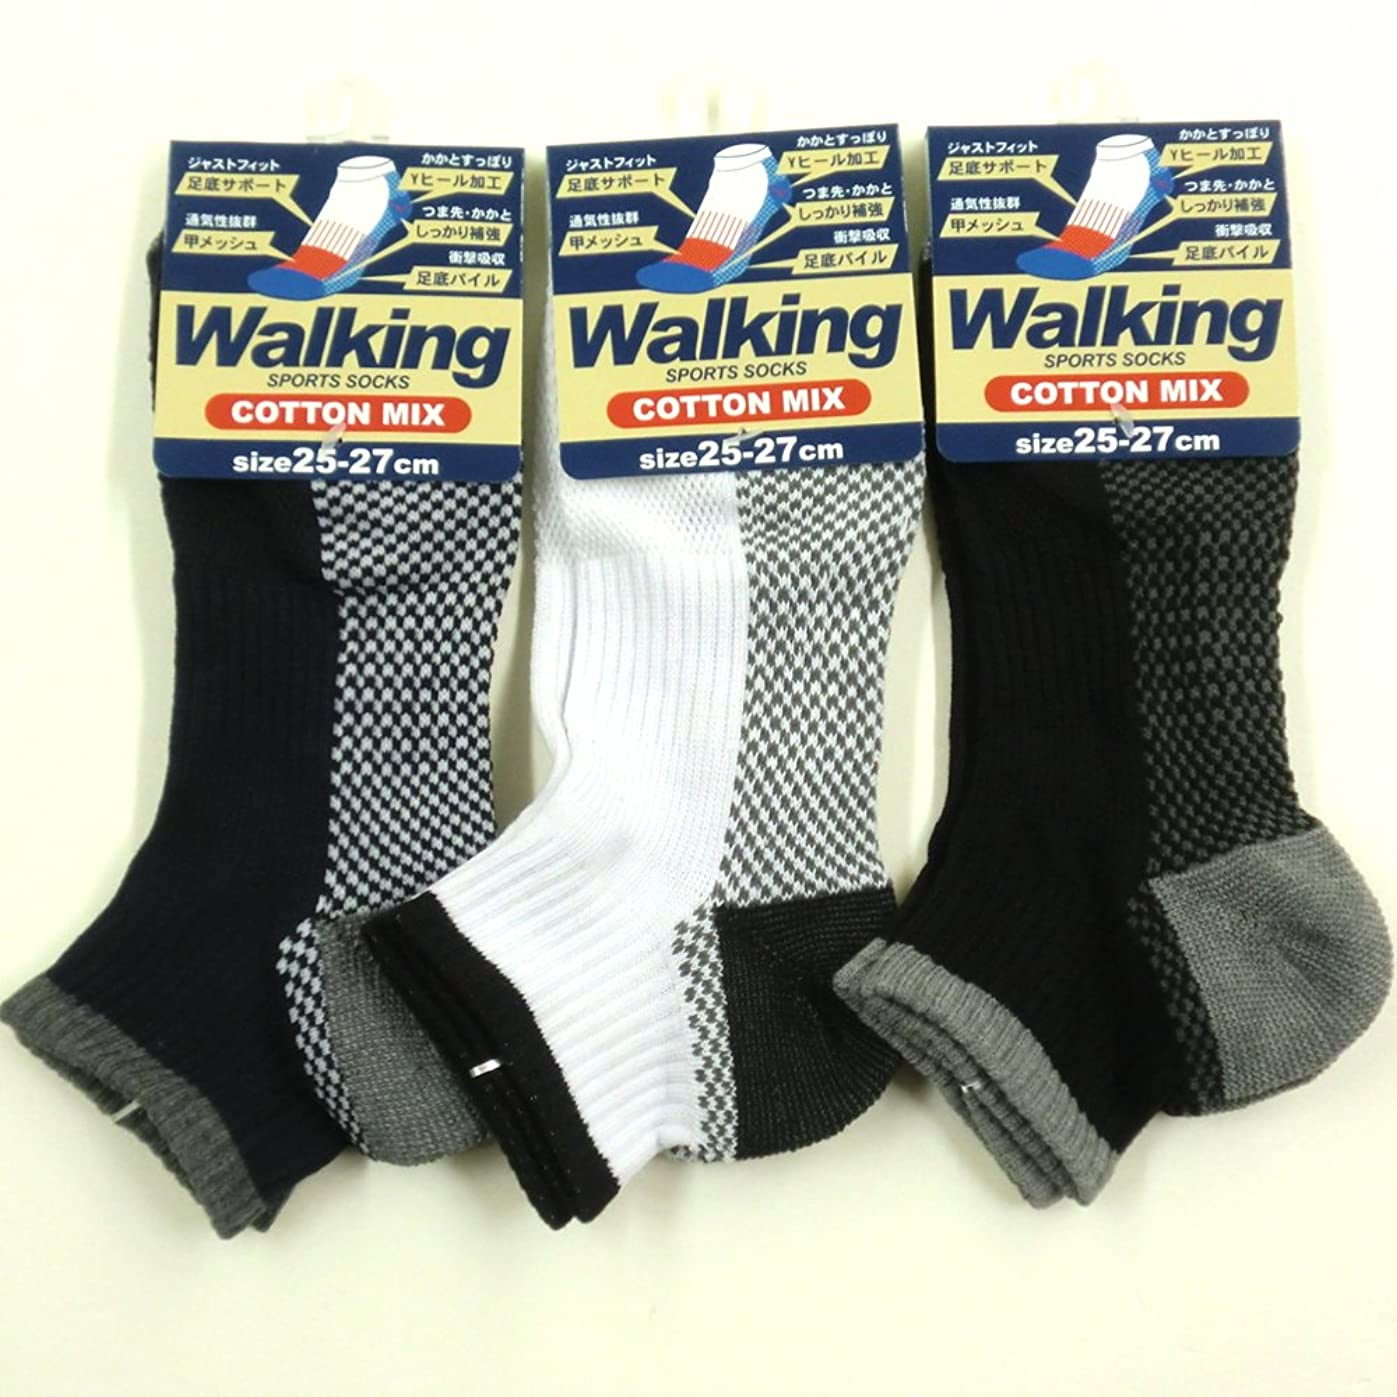 ジャンプする不適切な施しスニーカー ソックス メンズ ウォーキング 靴下 綿混 足底パイル 25-27cm 3足セット